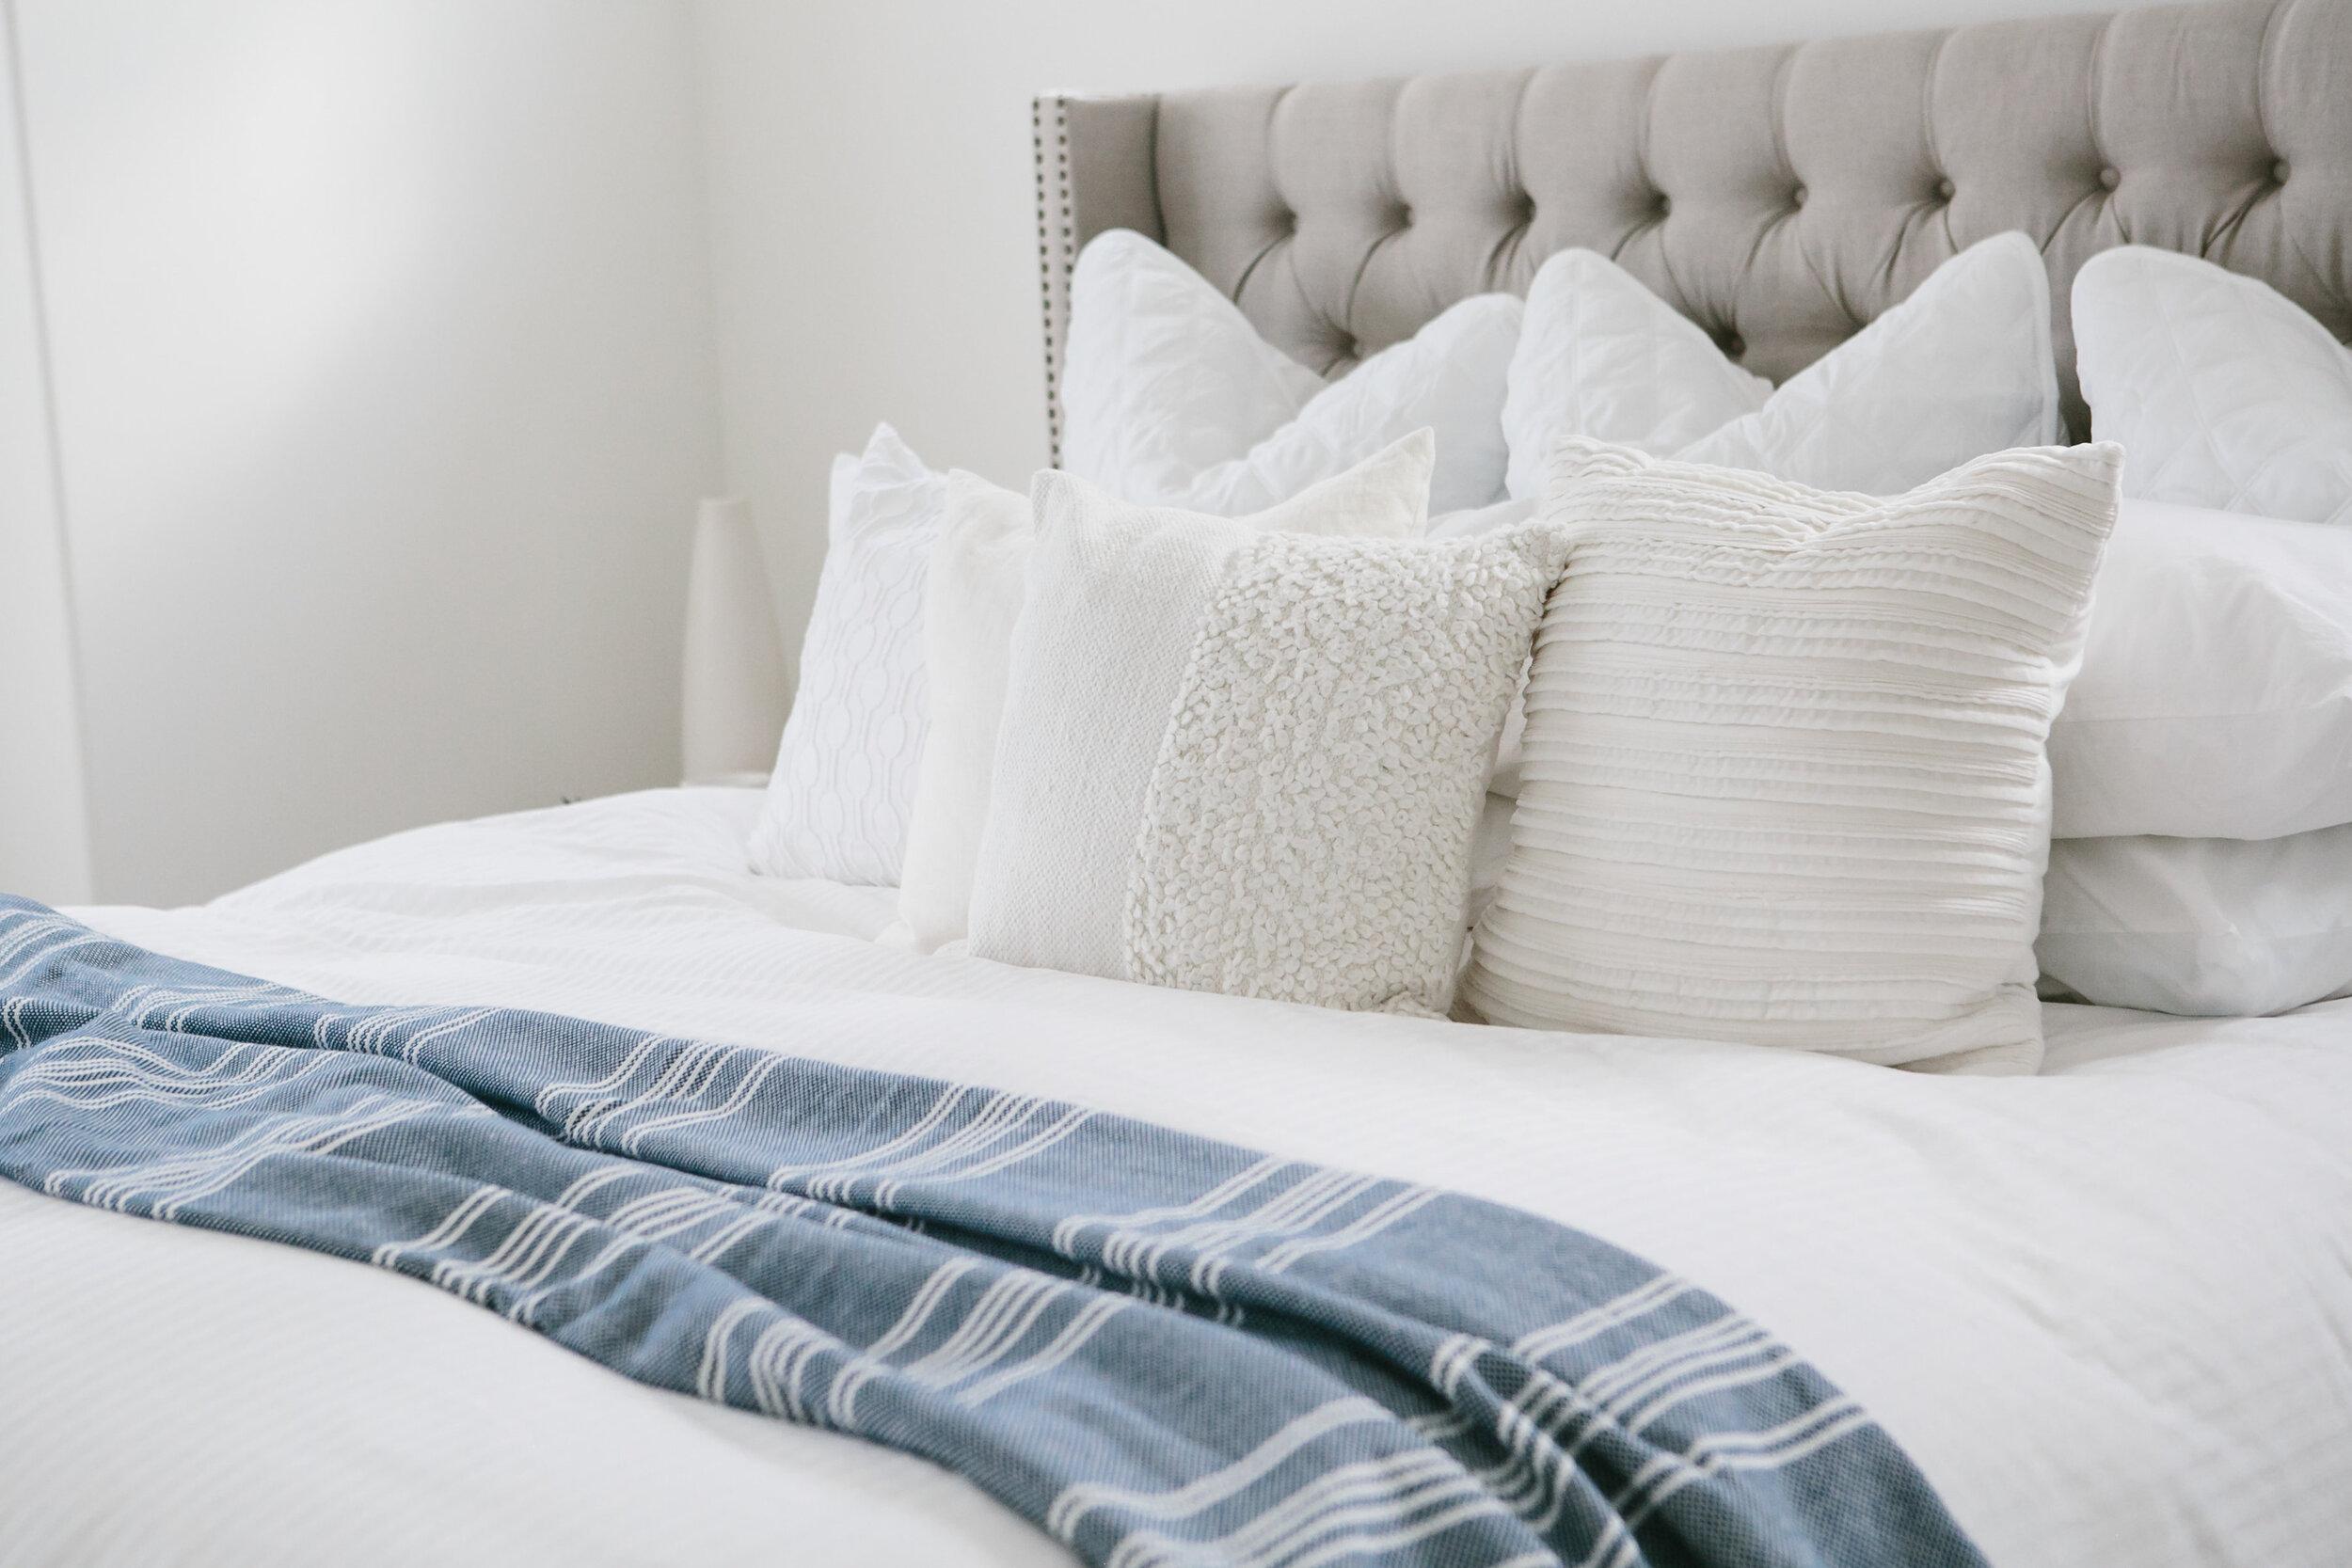 correct pillow sizes